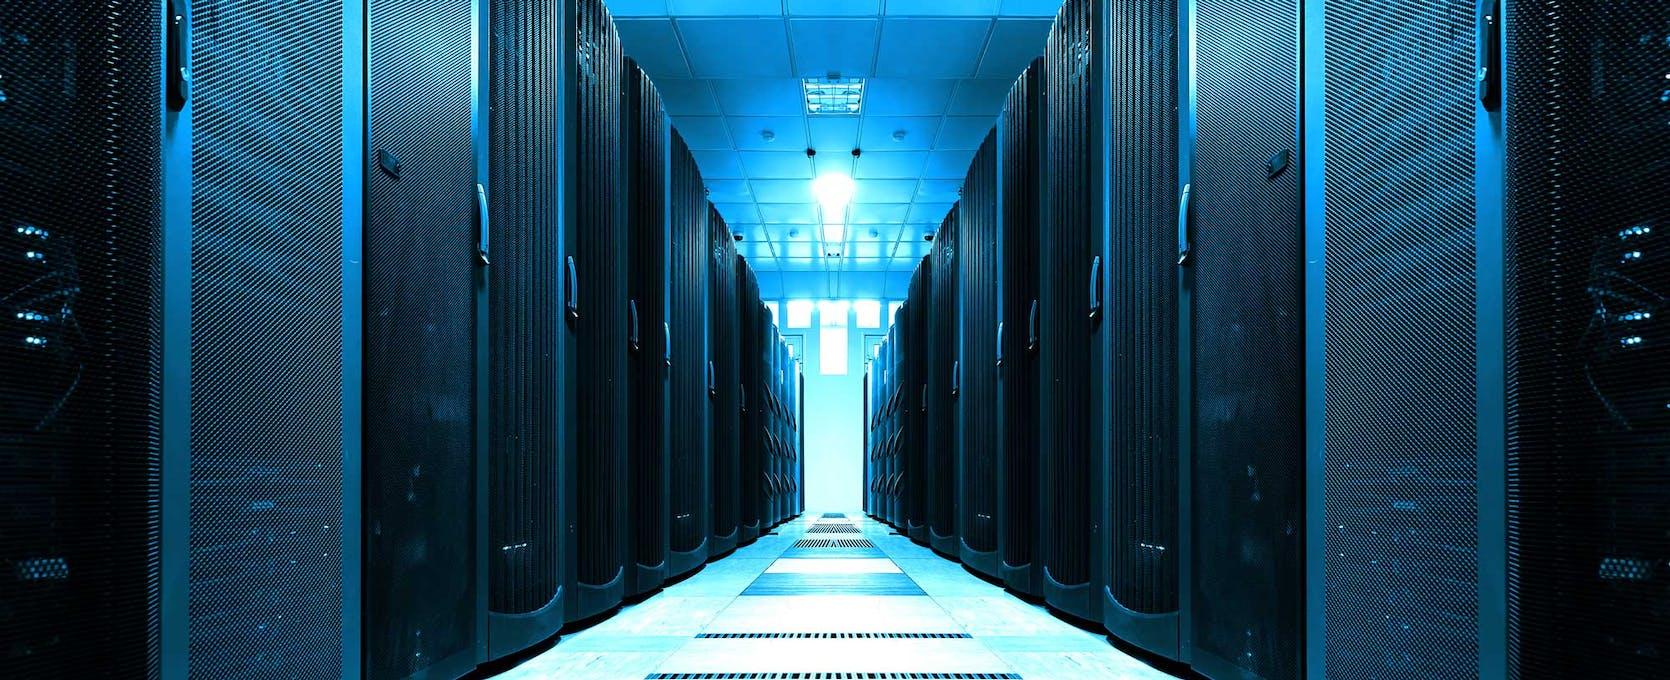 Blue lighting in server room